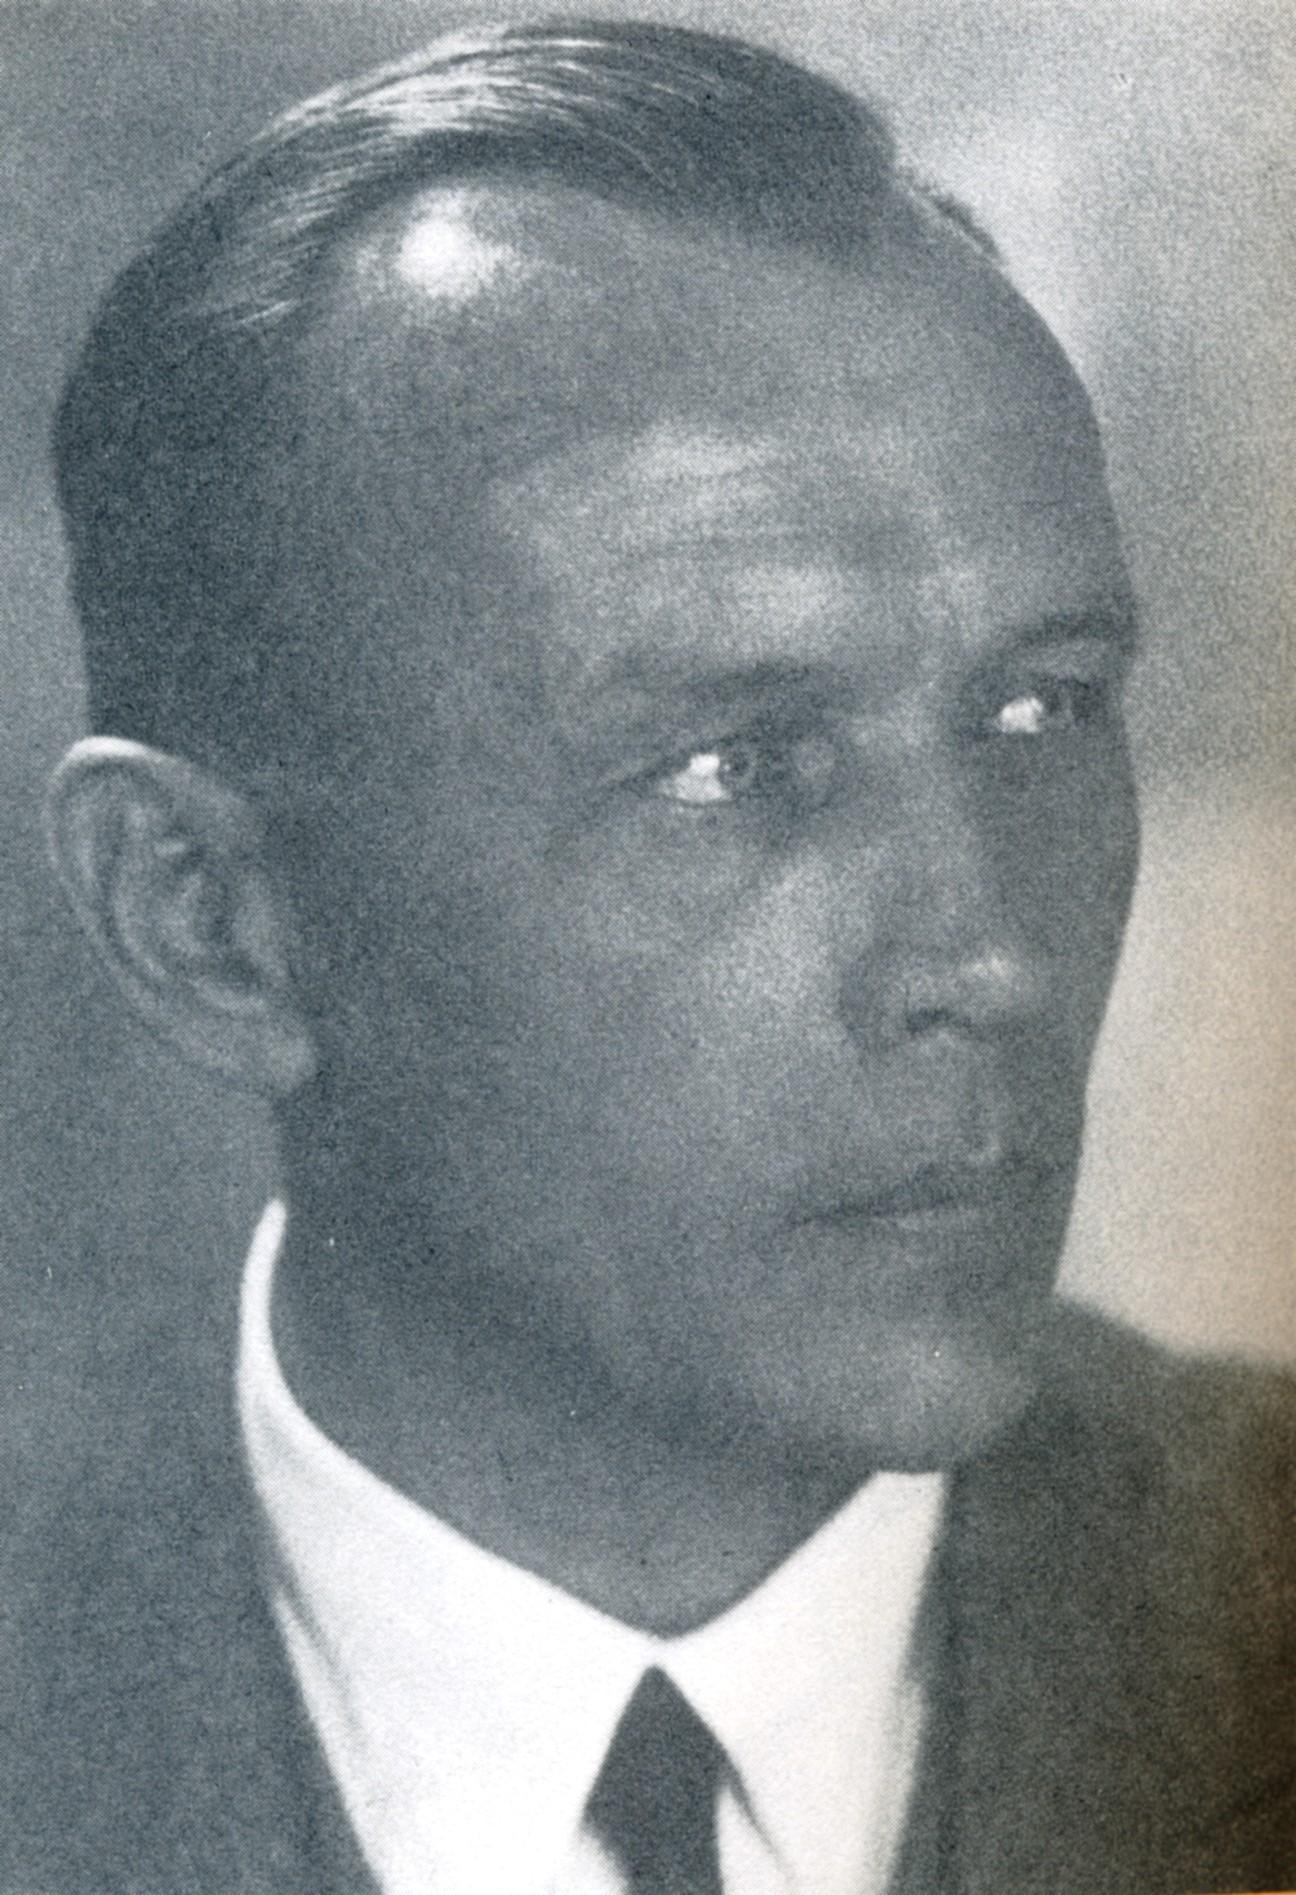 Portrait von Hermann Bräuning-Oktavio, der nach rechts aus dem Bild blickt